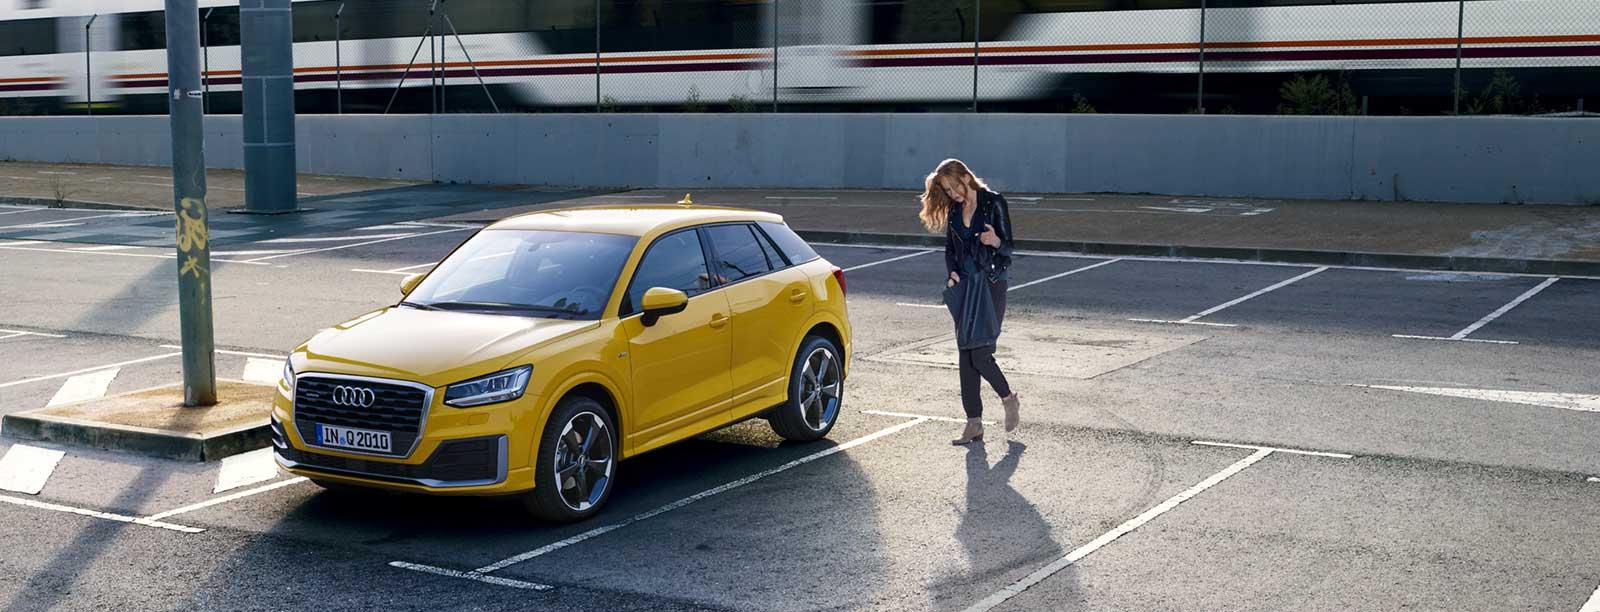 Audi Q2 aus der Q-Familie